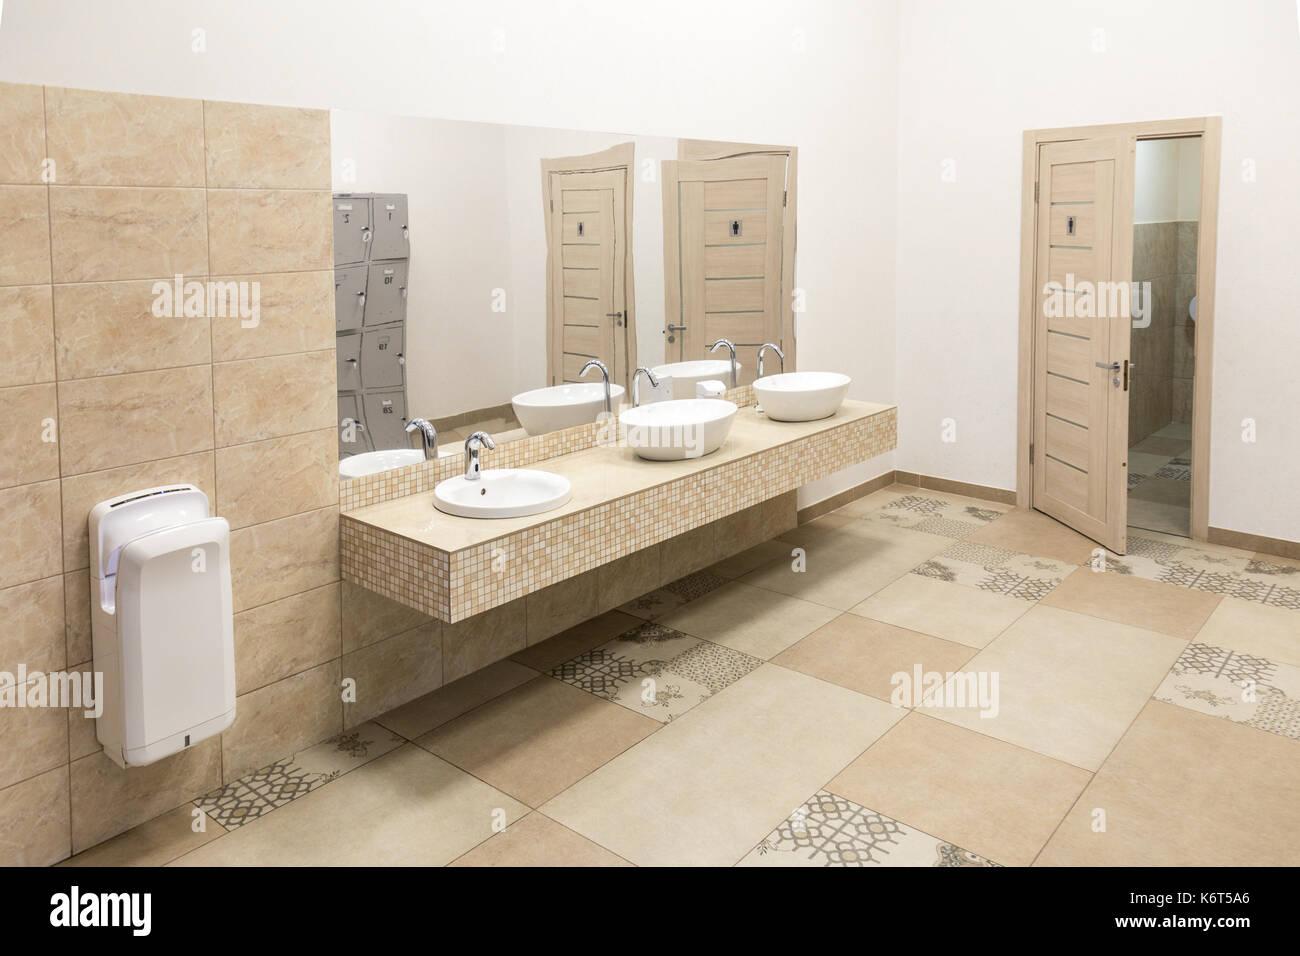 Public toilet wit big mirror, handwashers, dryer and wc doors Stock ...